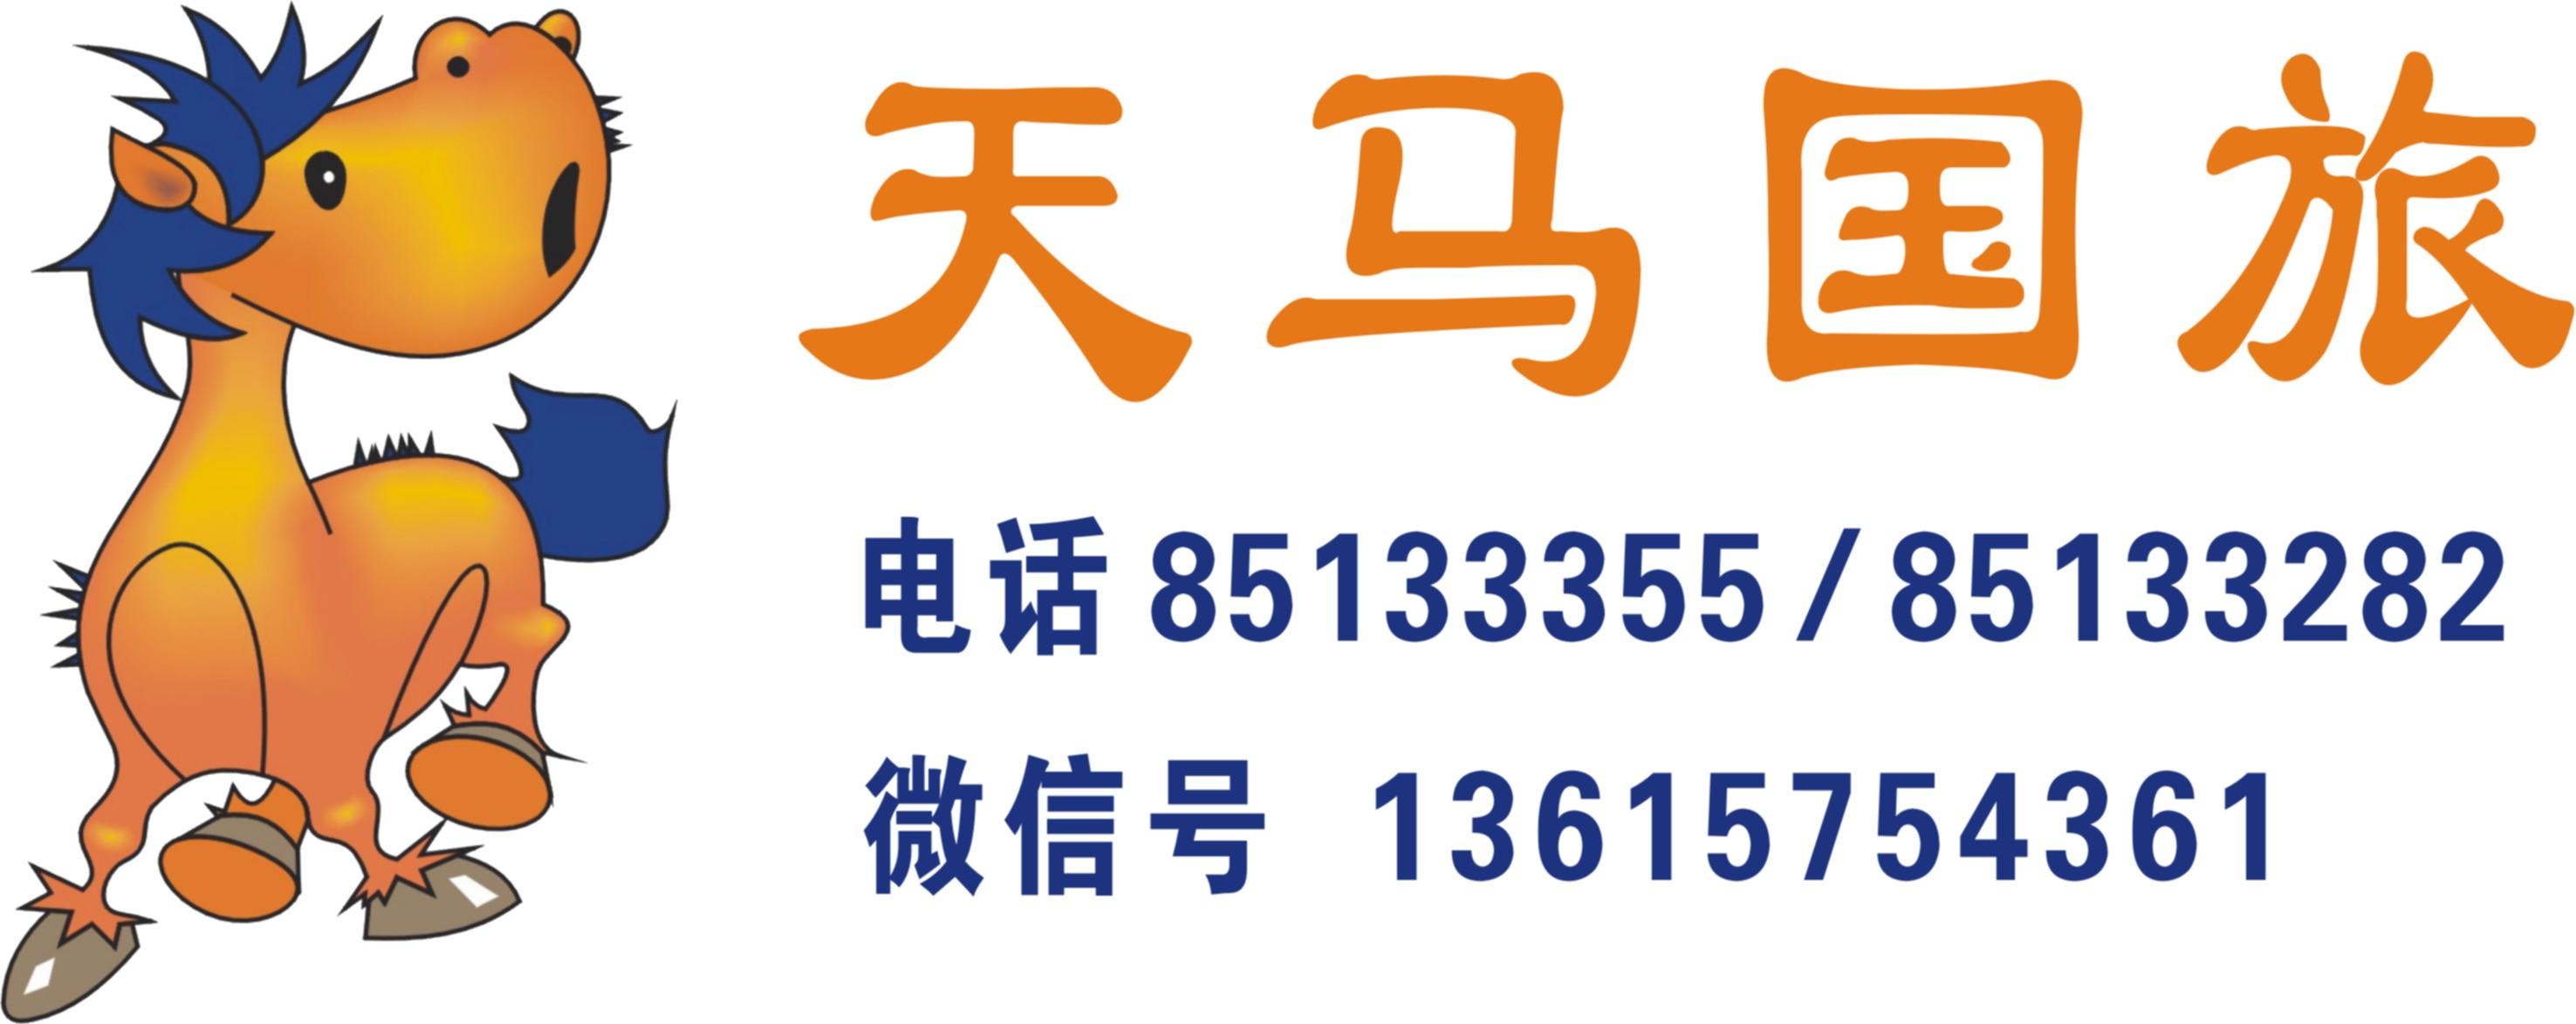 4.20【横店影视城、梦幻谷、欢乐海豚湾特价二日】1早3正